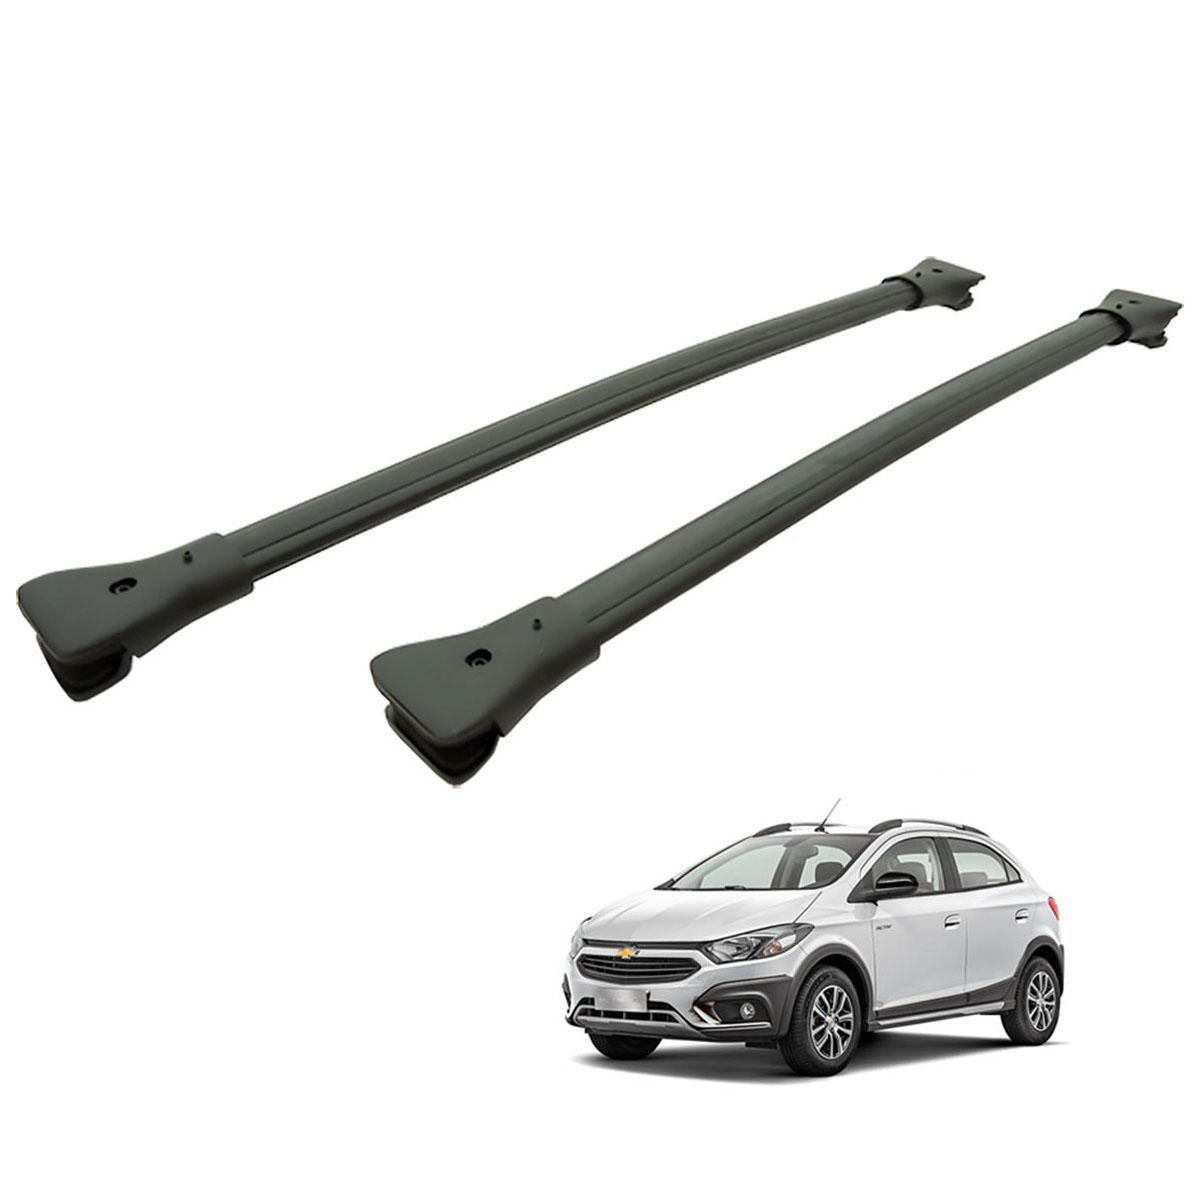 Travessa rack de teto larga preta alumínio Onix Activ 2017